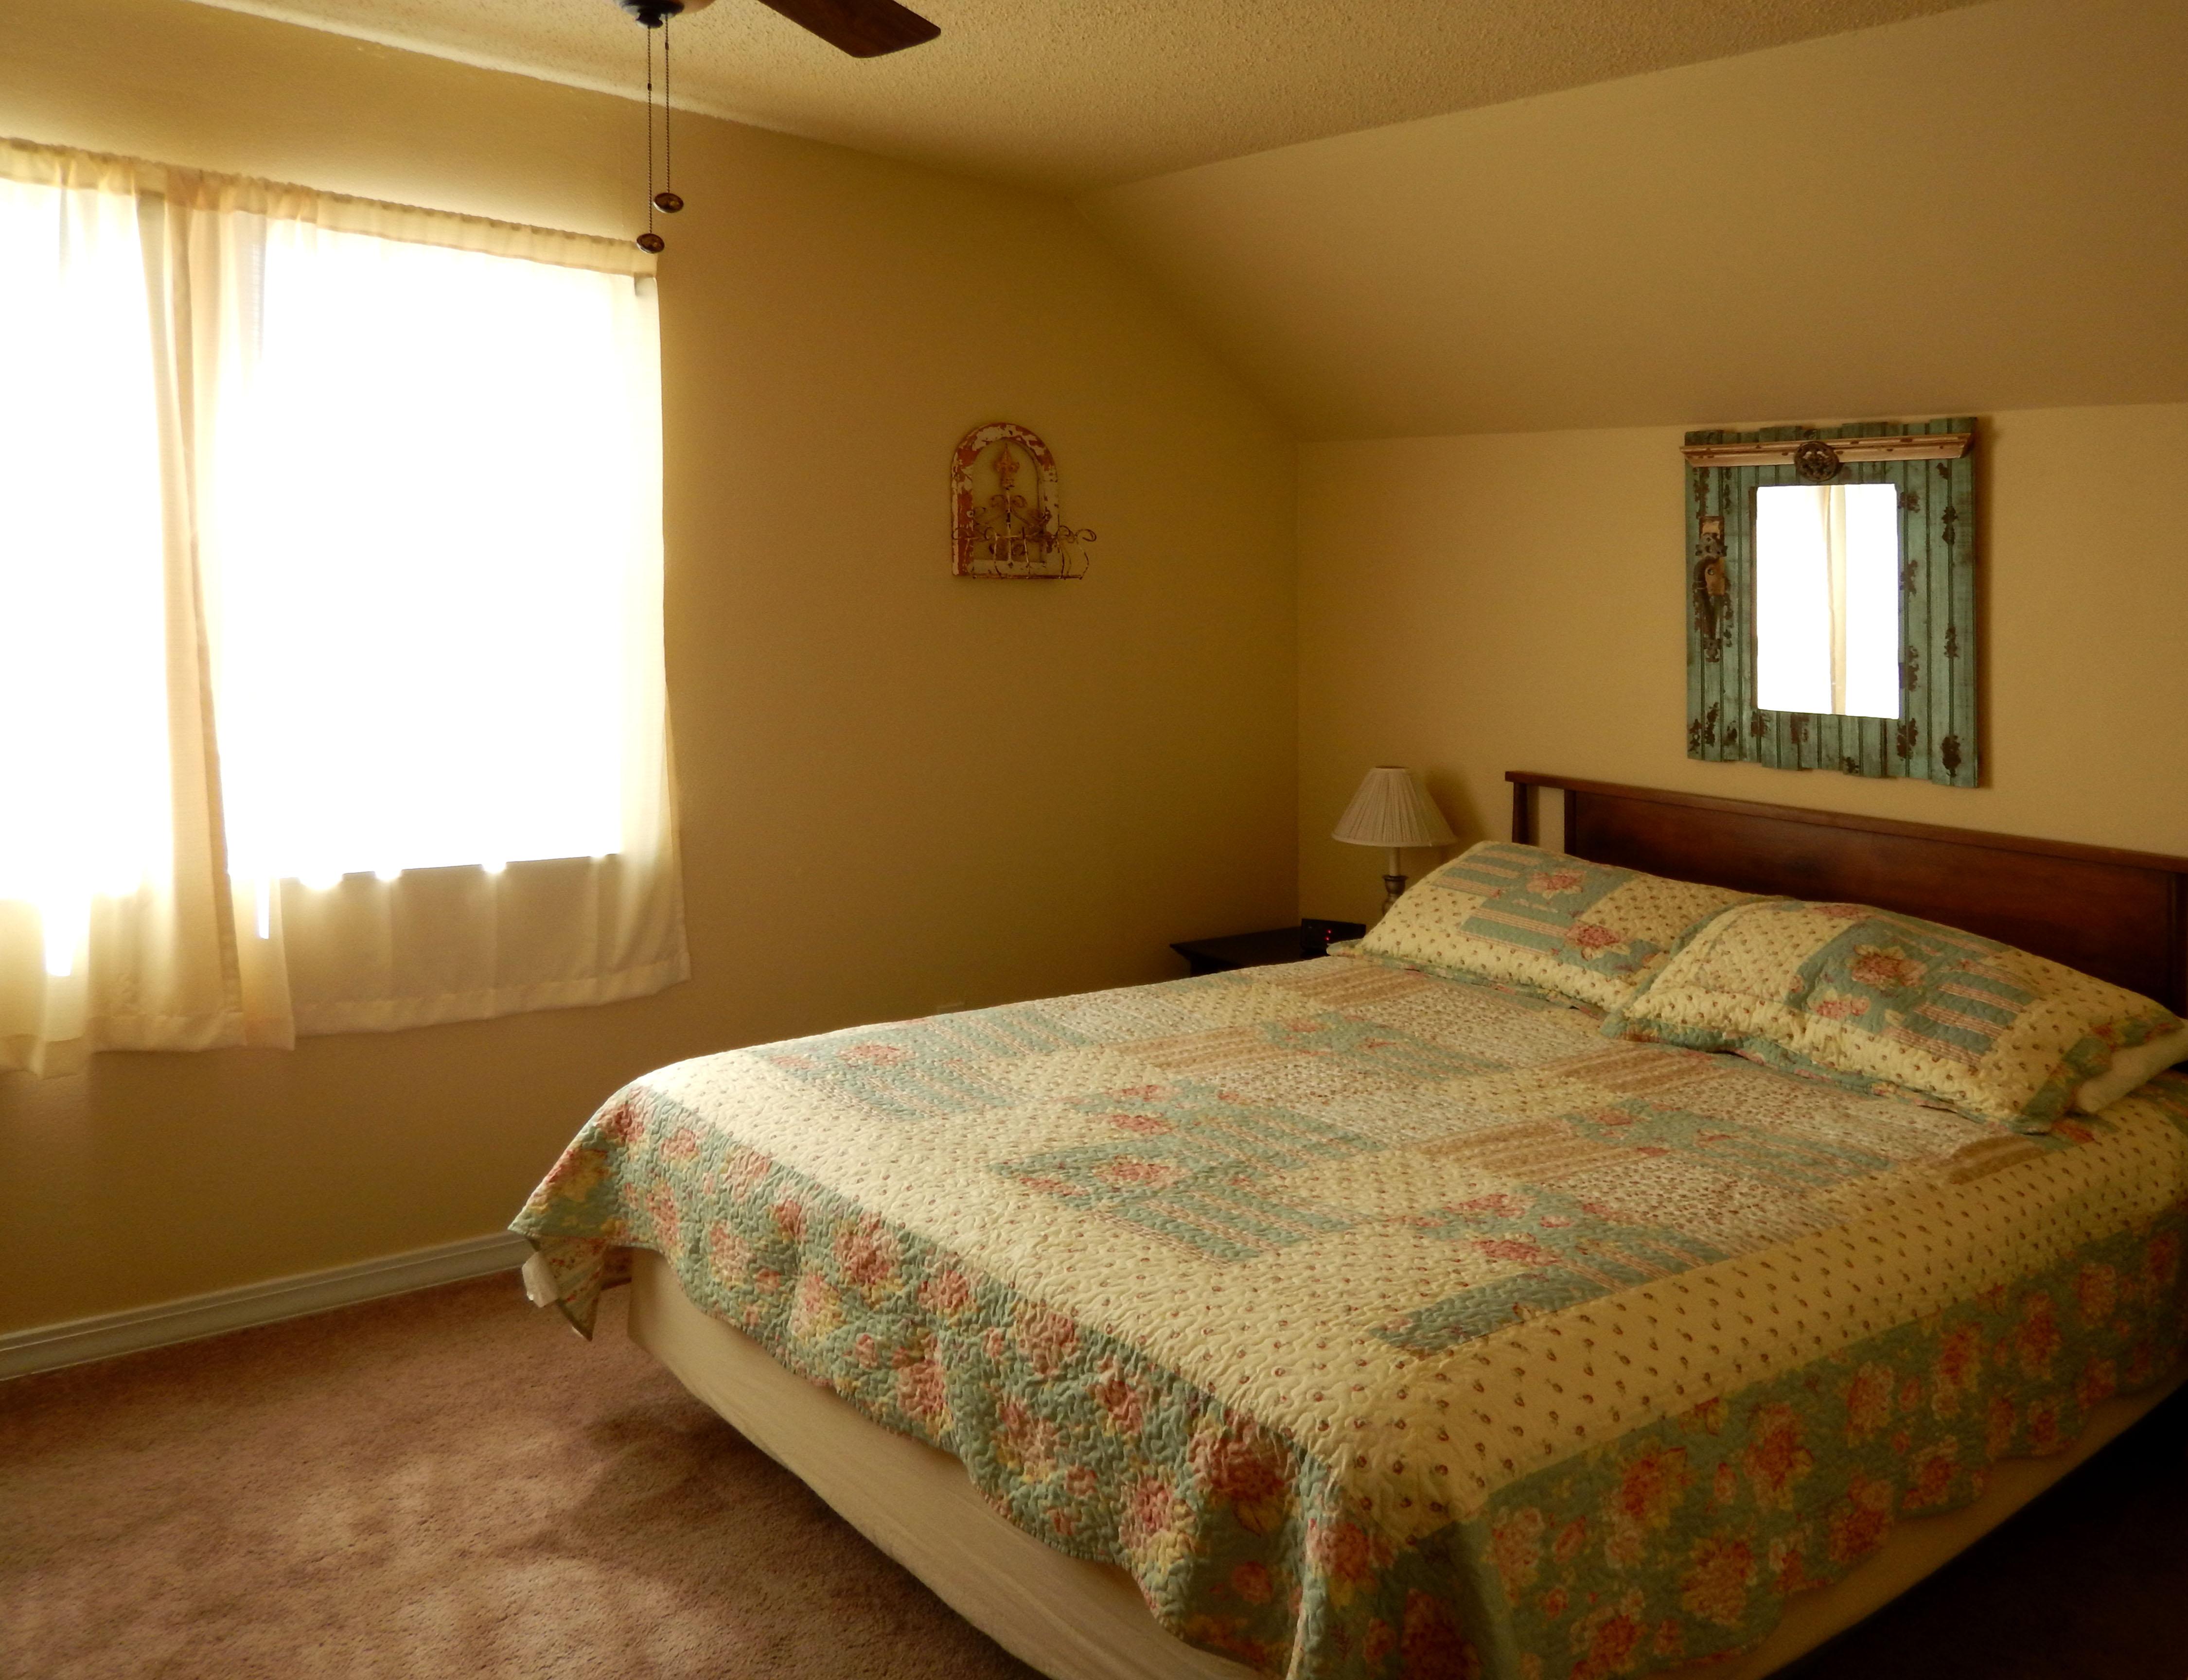 Bedroom West 09 04 15 006